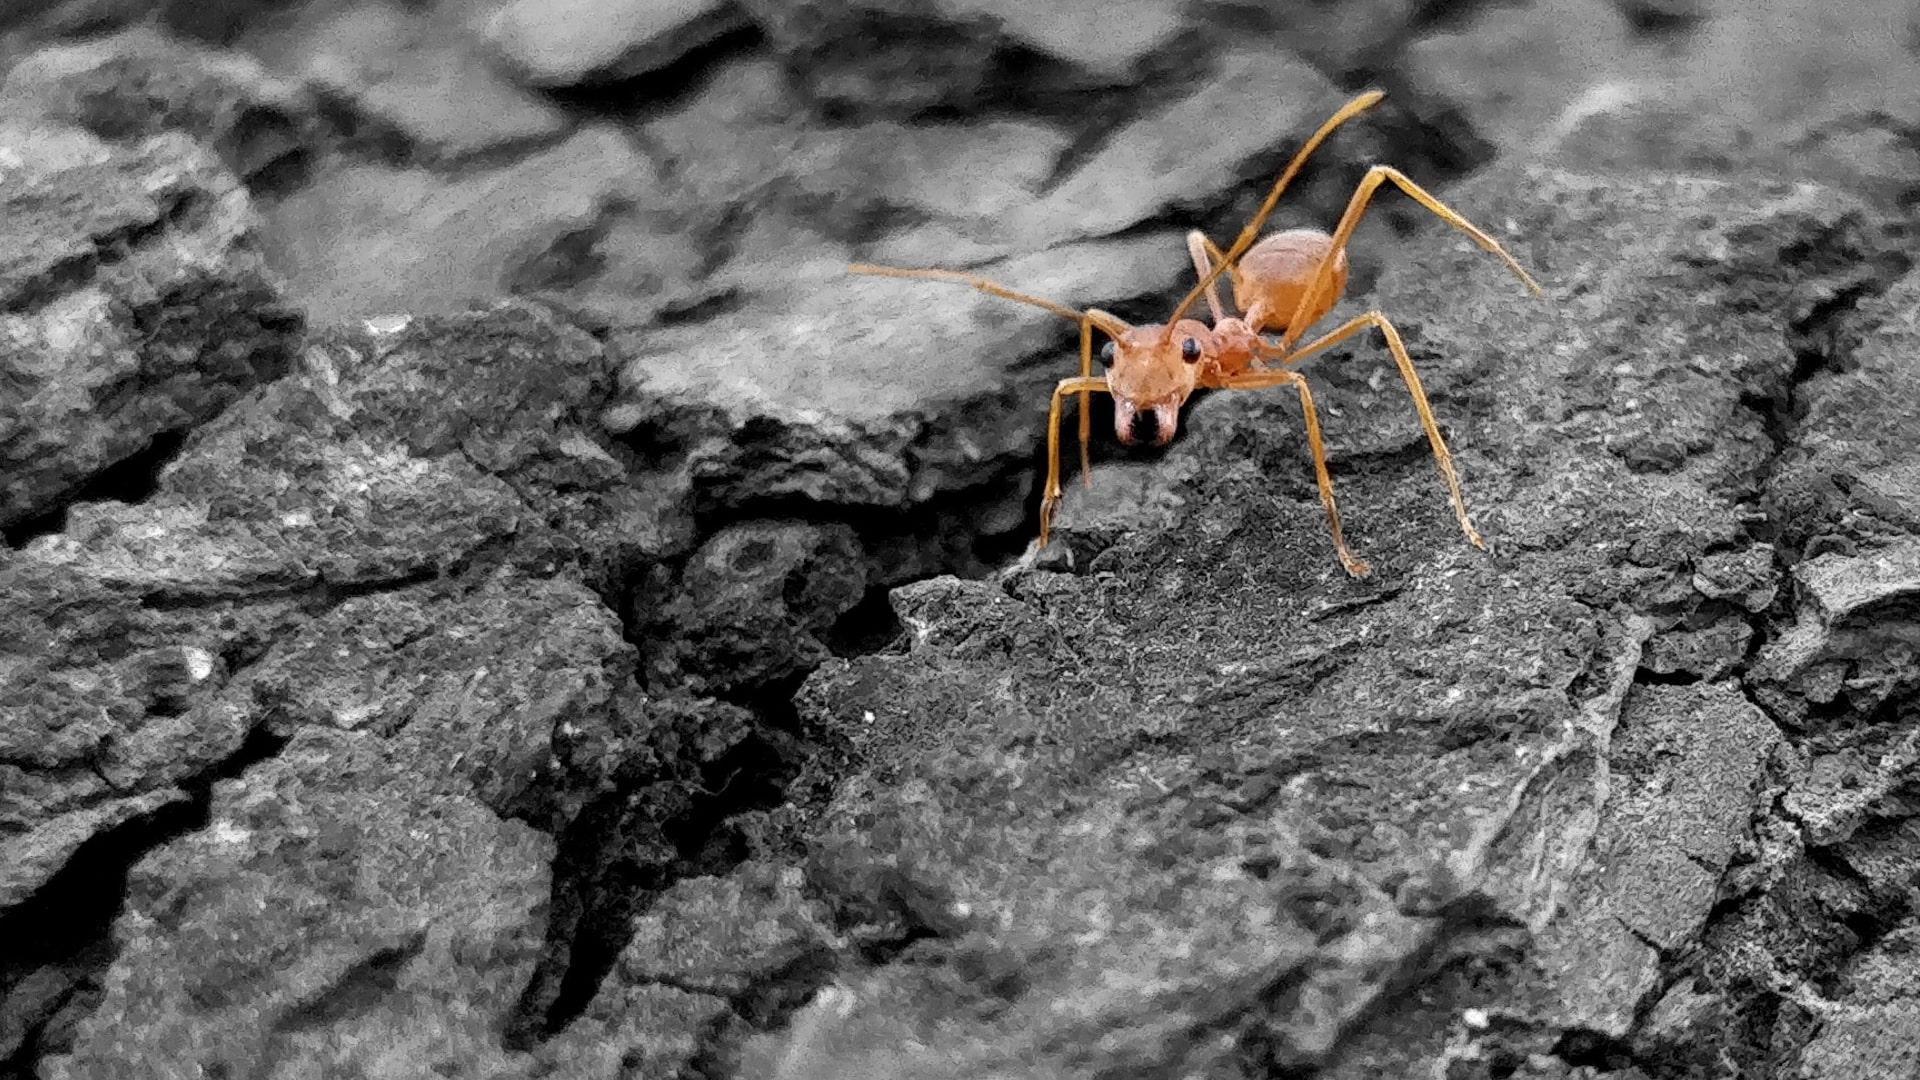 les fourmis peuvent nous apprendre comment viter les pid mies sciences numerama. Black Bedroom Furniture Sets. Home Design Ideas